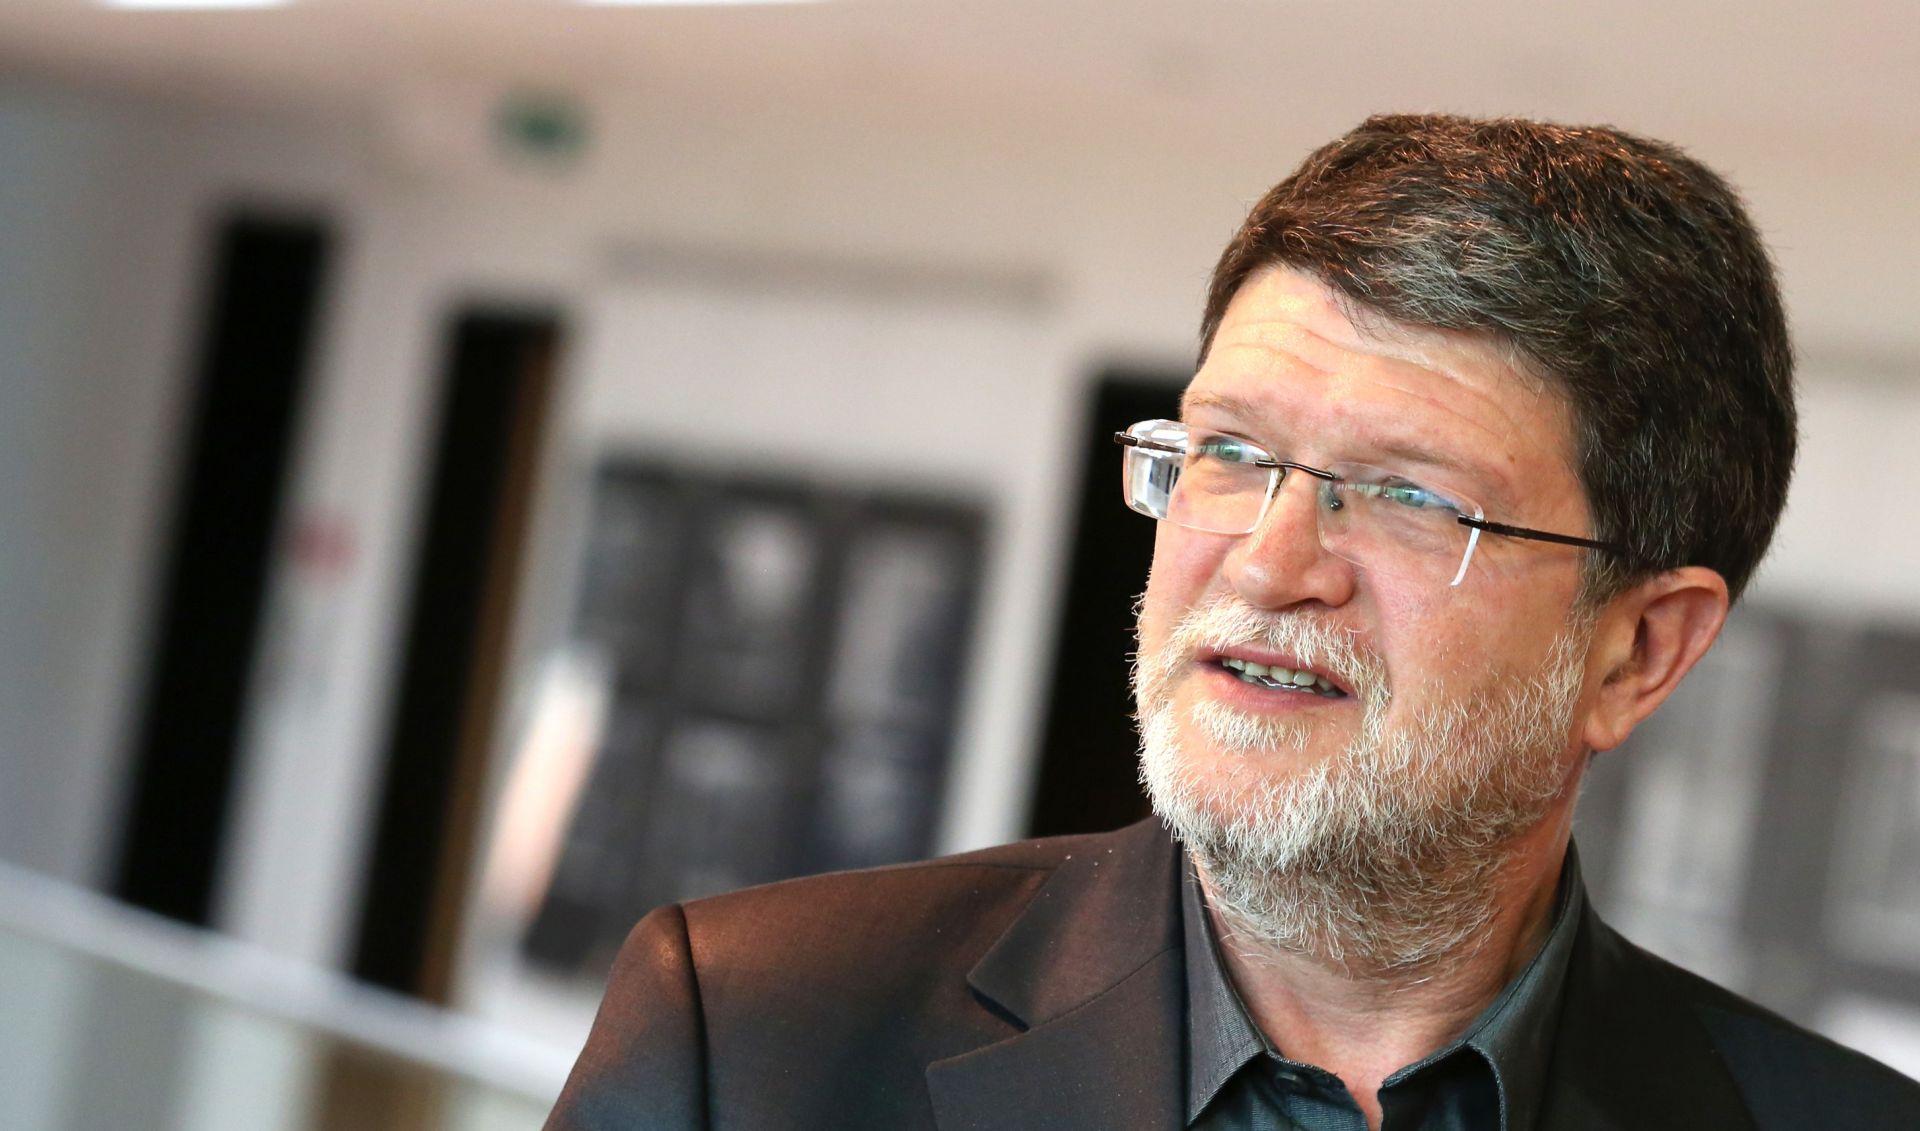 Hrvatski eurozastupnik Picula kaže da će BiH morati mijenjati ustav da bi postala članica EU-a